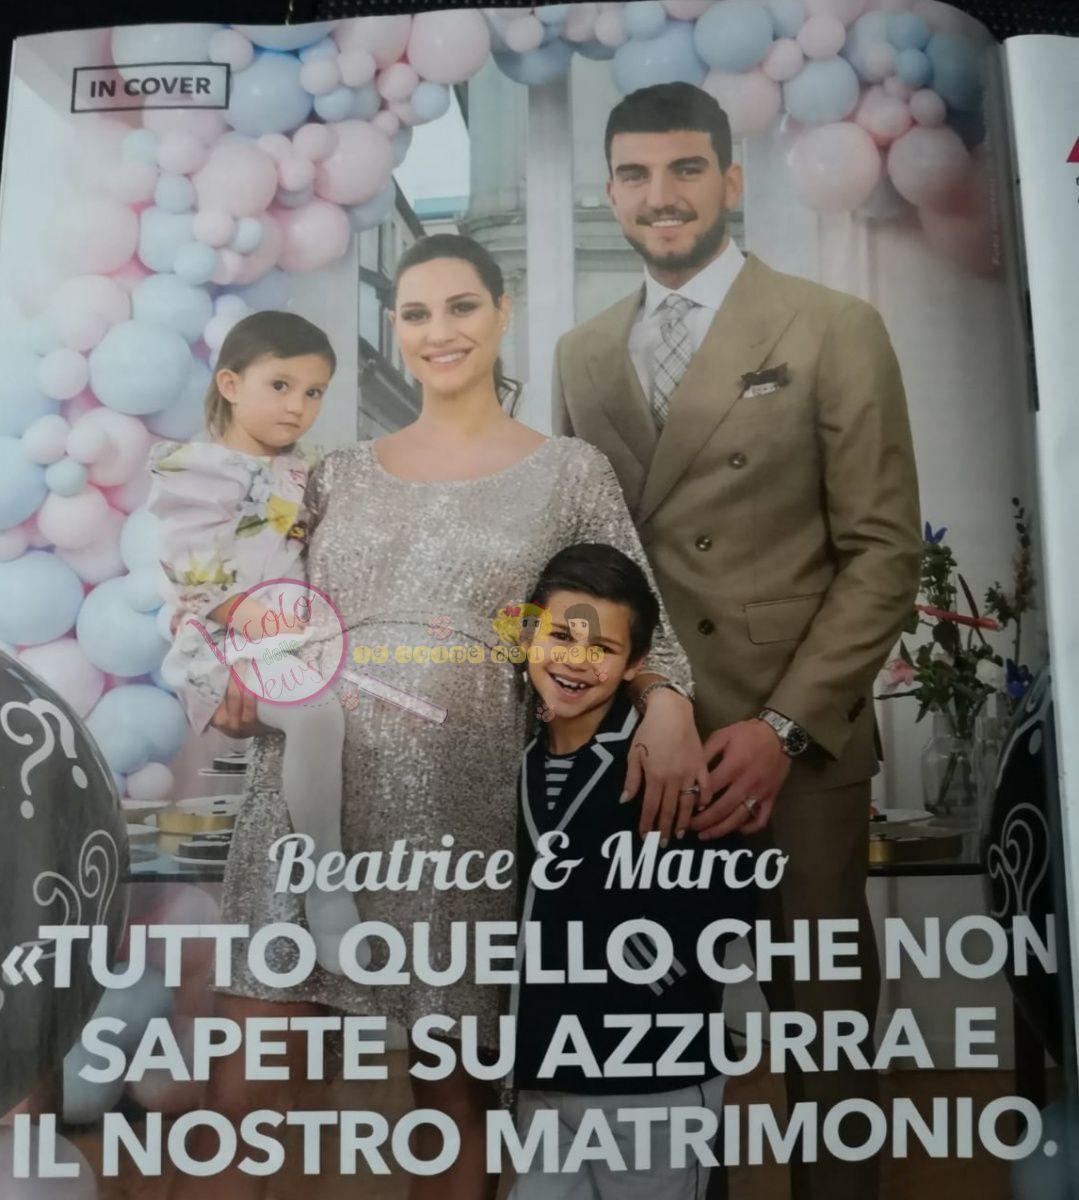 Marco Fantini e Beatrice Valli intervista uomini e donne